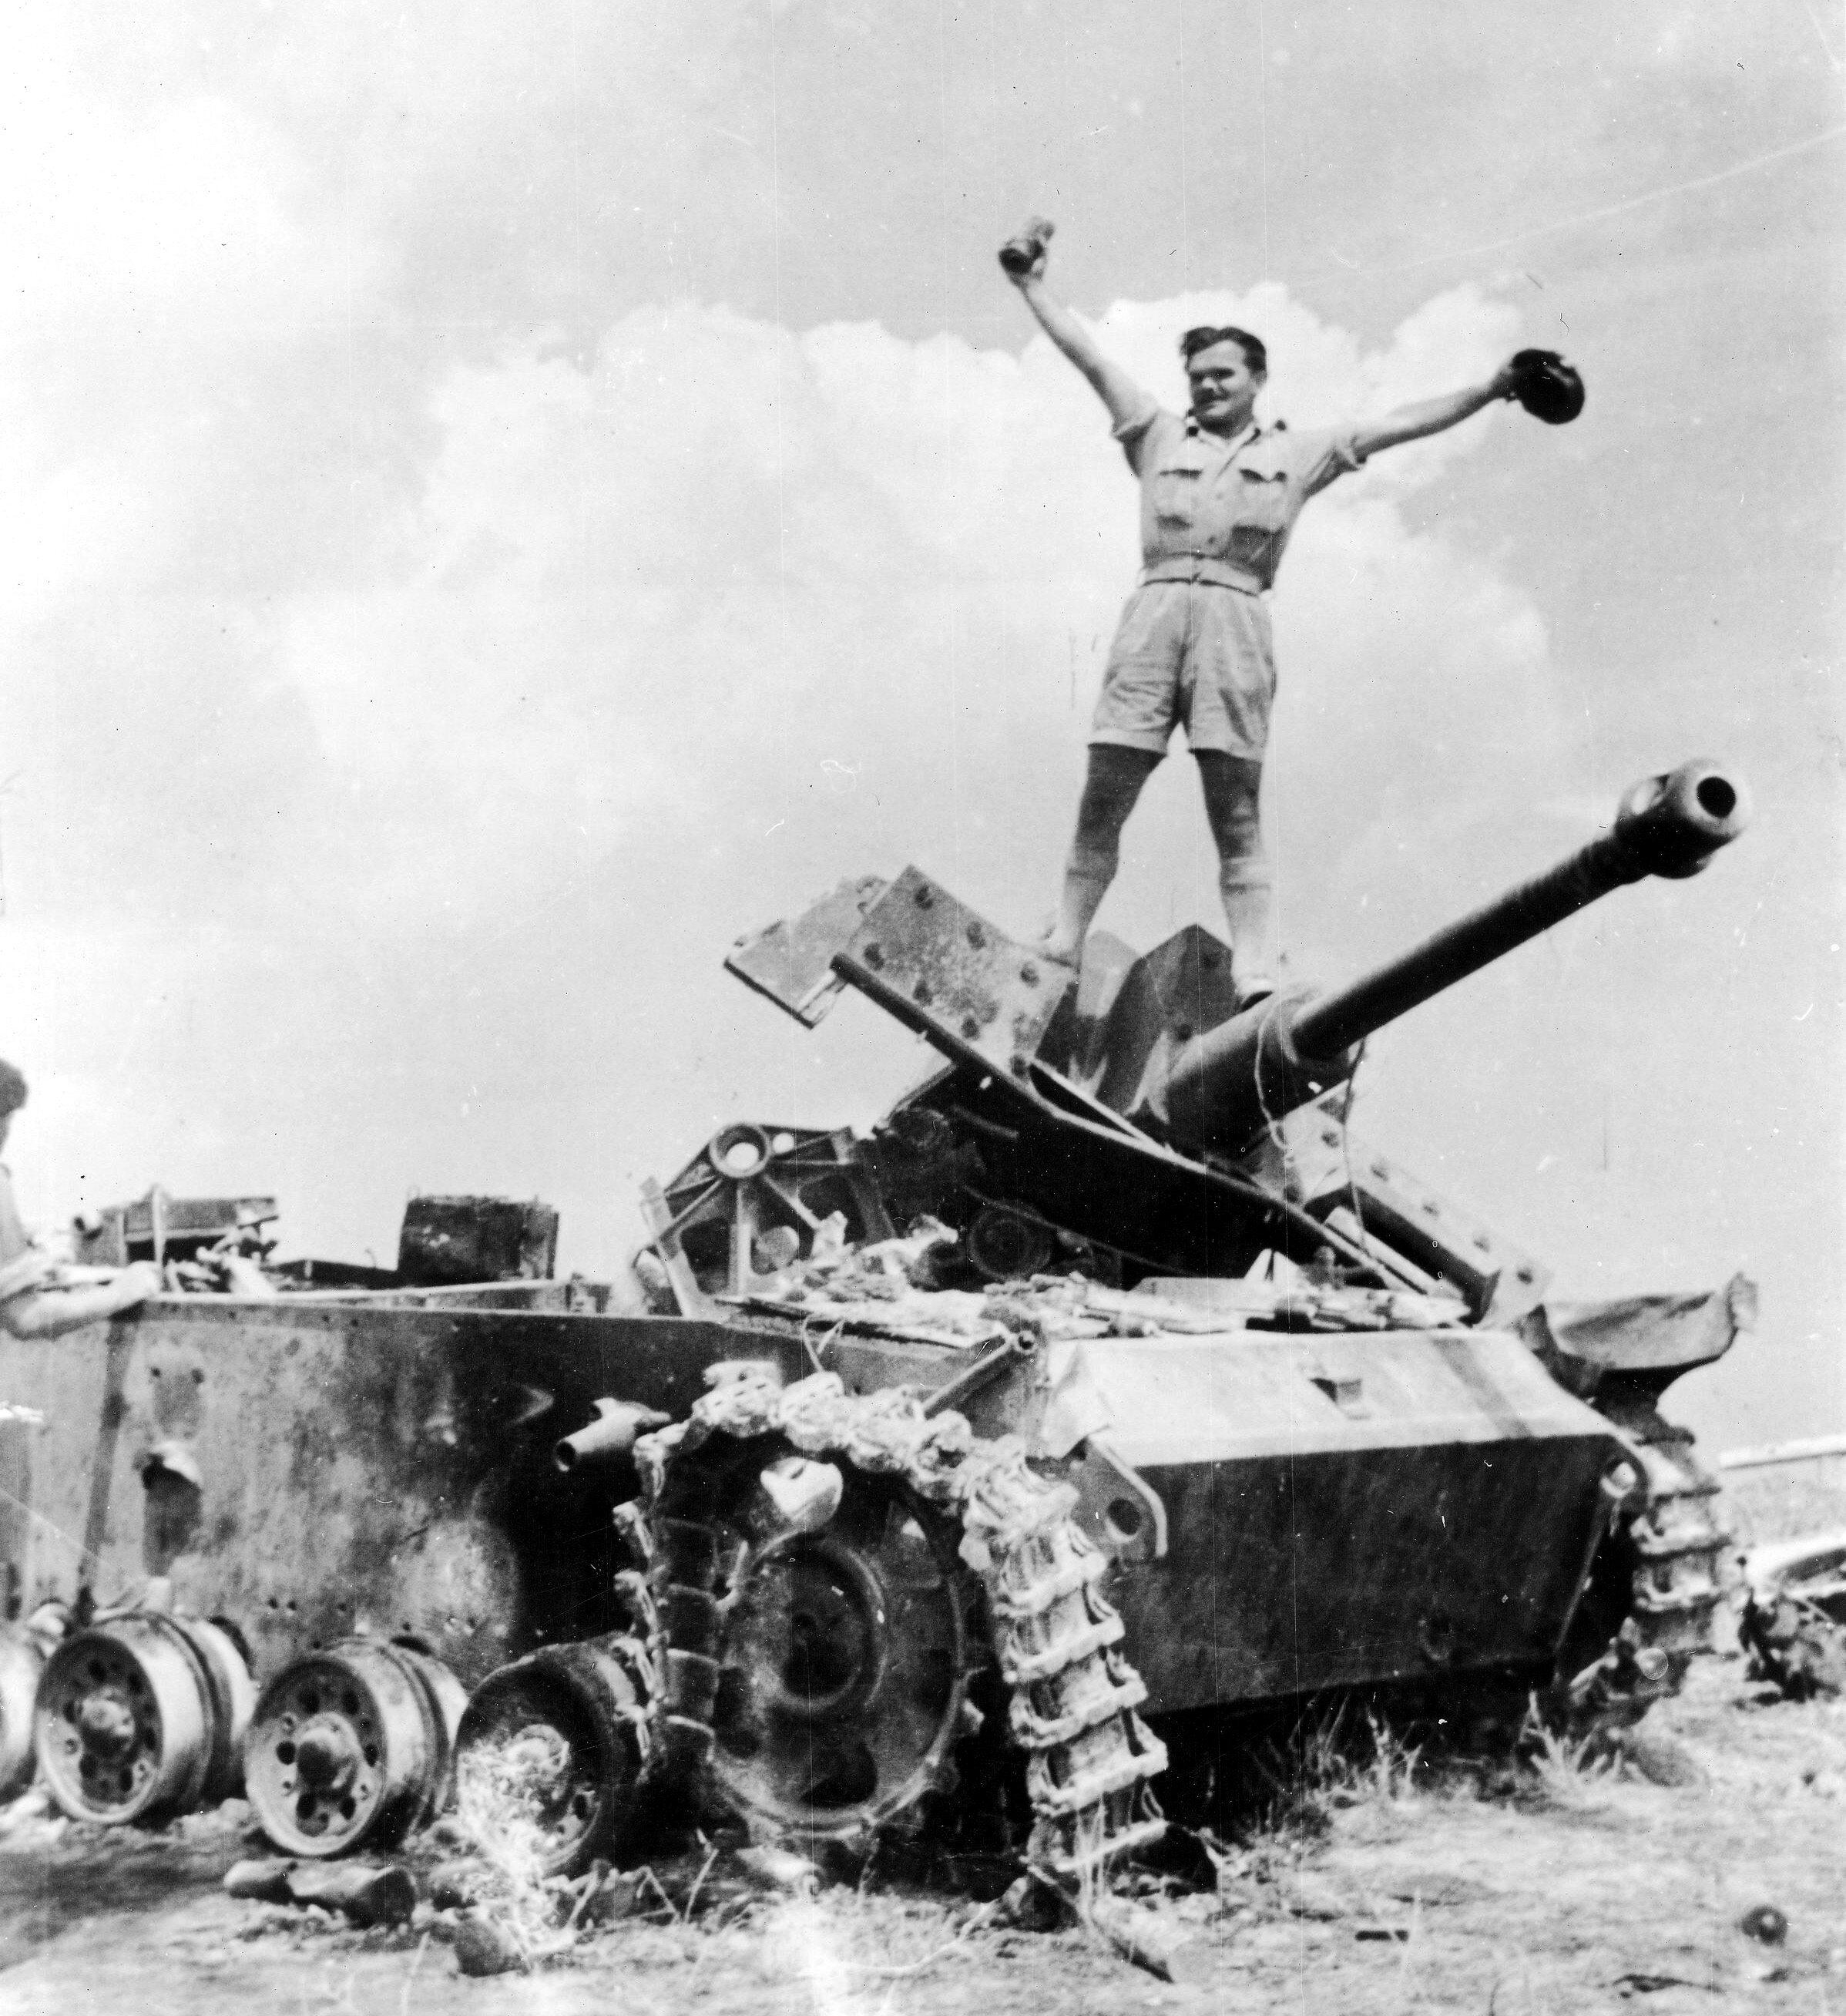 """Niemieckie działo pancerne Sturmgeschutz III (StuG III) zniszczone przez 6 Pułk Pancerny """"Dzieci Lwowskich"""", 6 lipca 1944 r., Montero k. Ankony"""